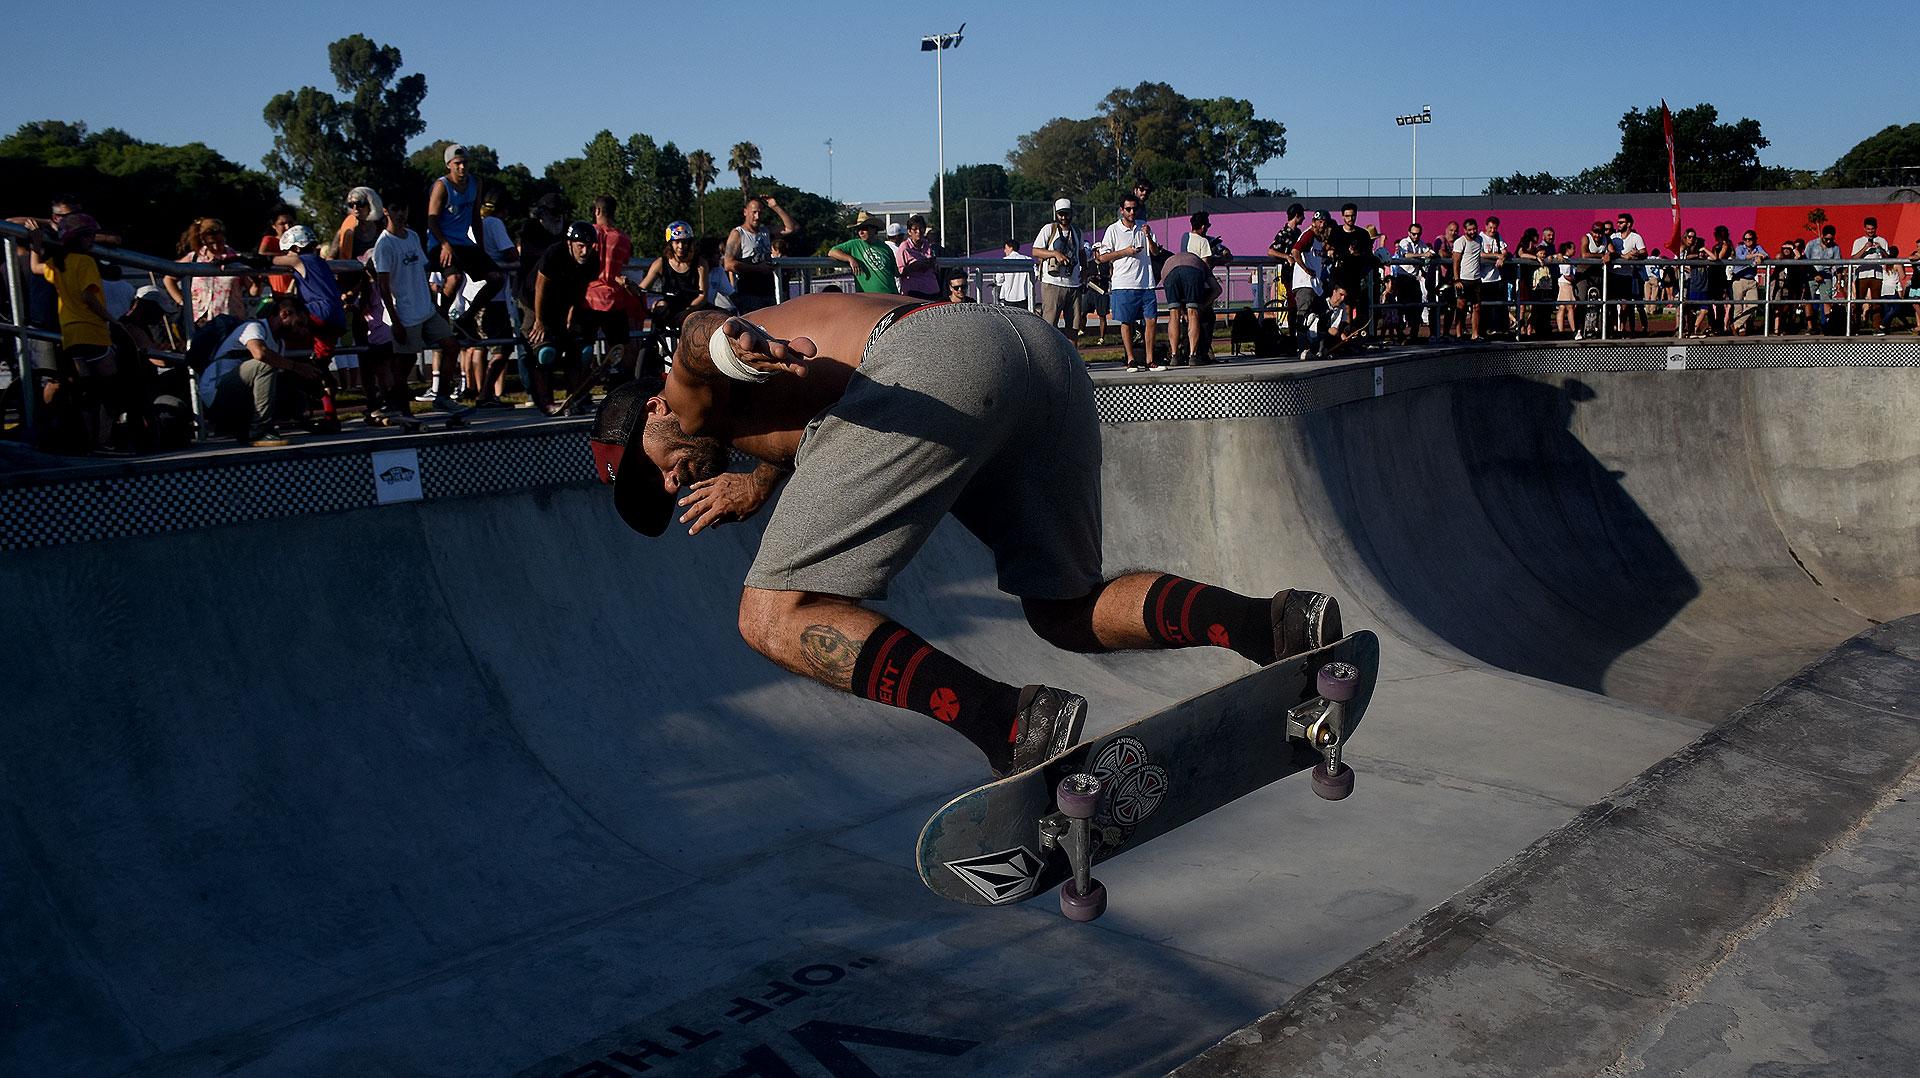 Se trata del primer superpark de Argentina para la práctica profesional del skate, tanto para entrenamiento pre-olímpico como campeonatos mundiales